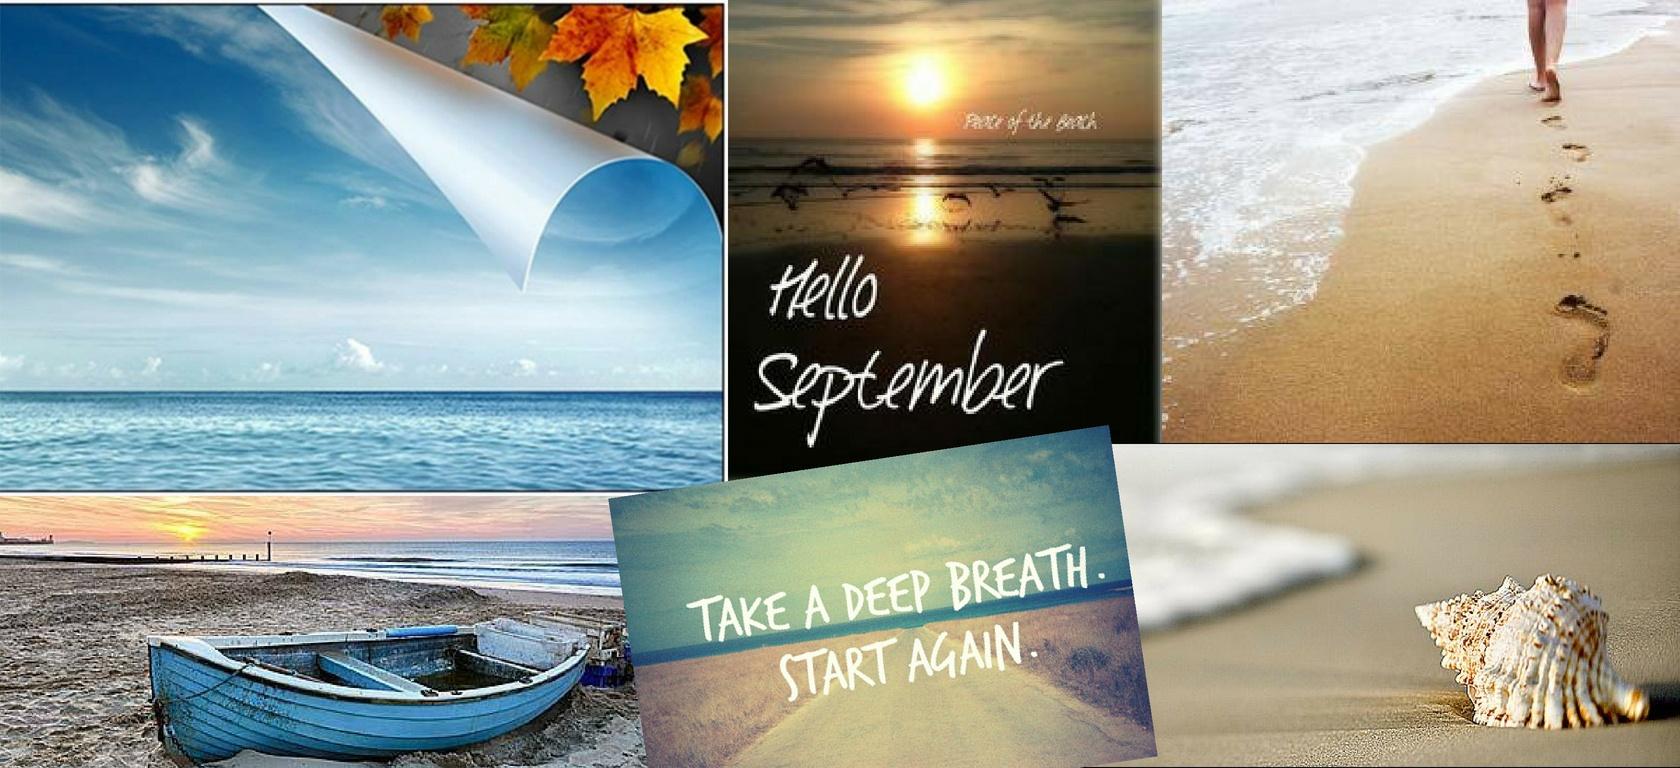 Σεπτέμβρης, Σεπτέμβριος, Καλό μήνα, Φθινόπωρο, Καλό φθινόπωρο,